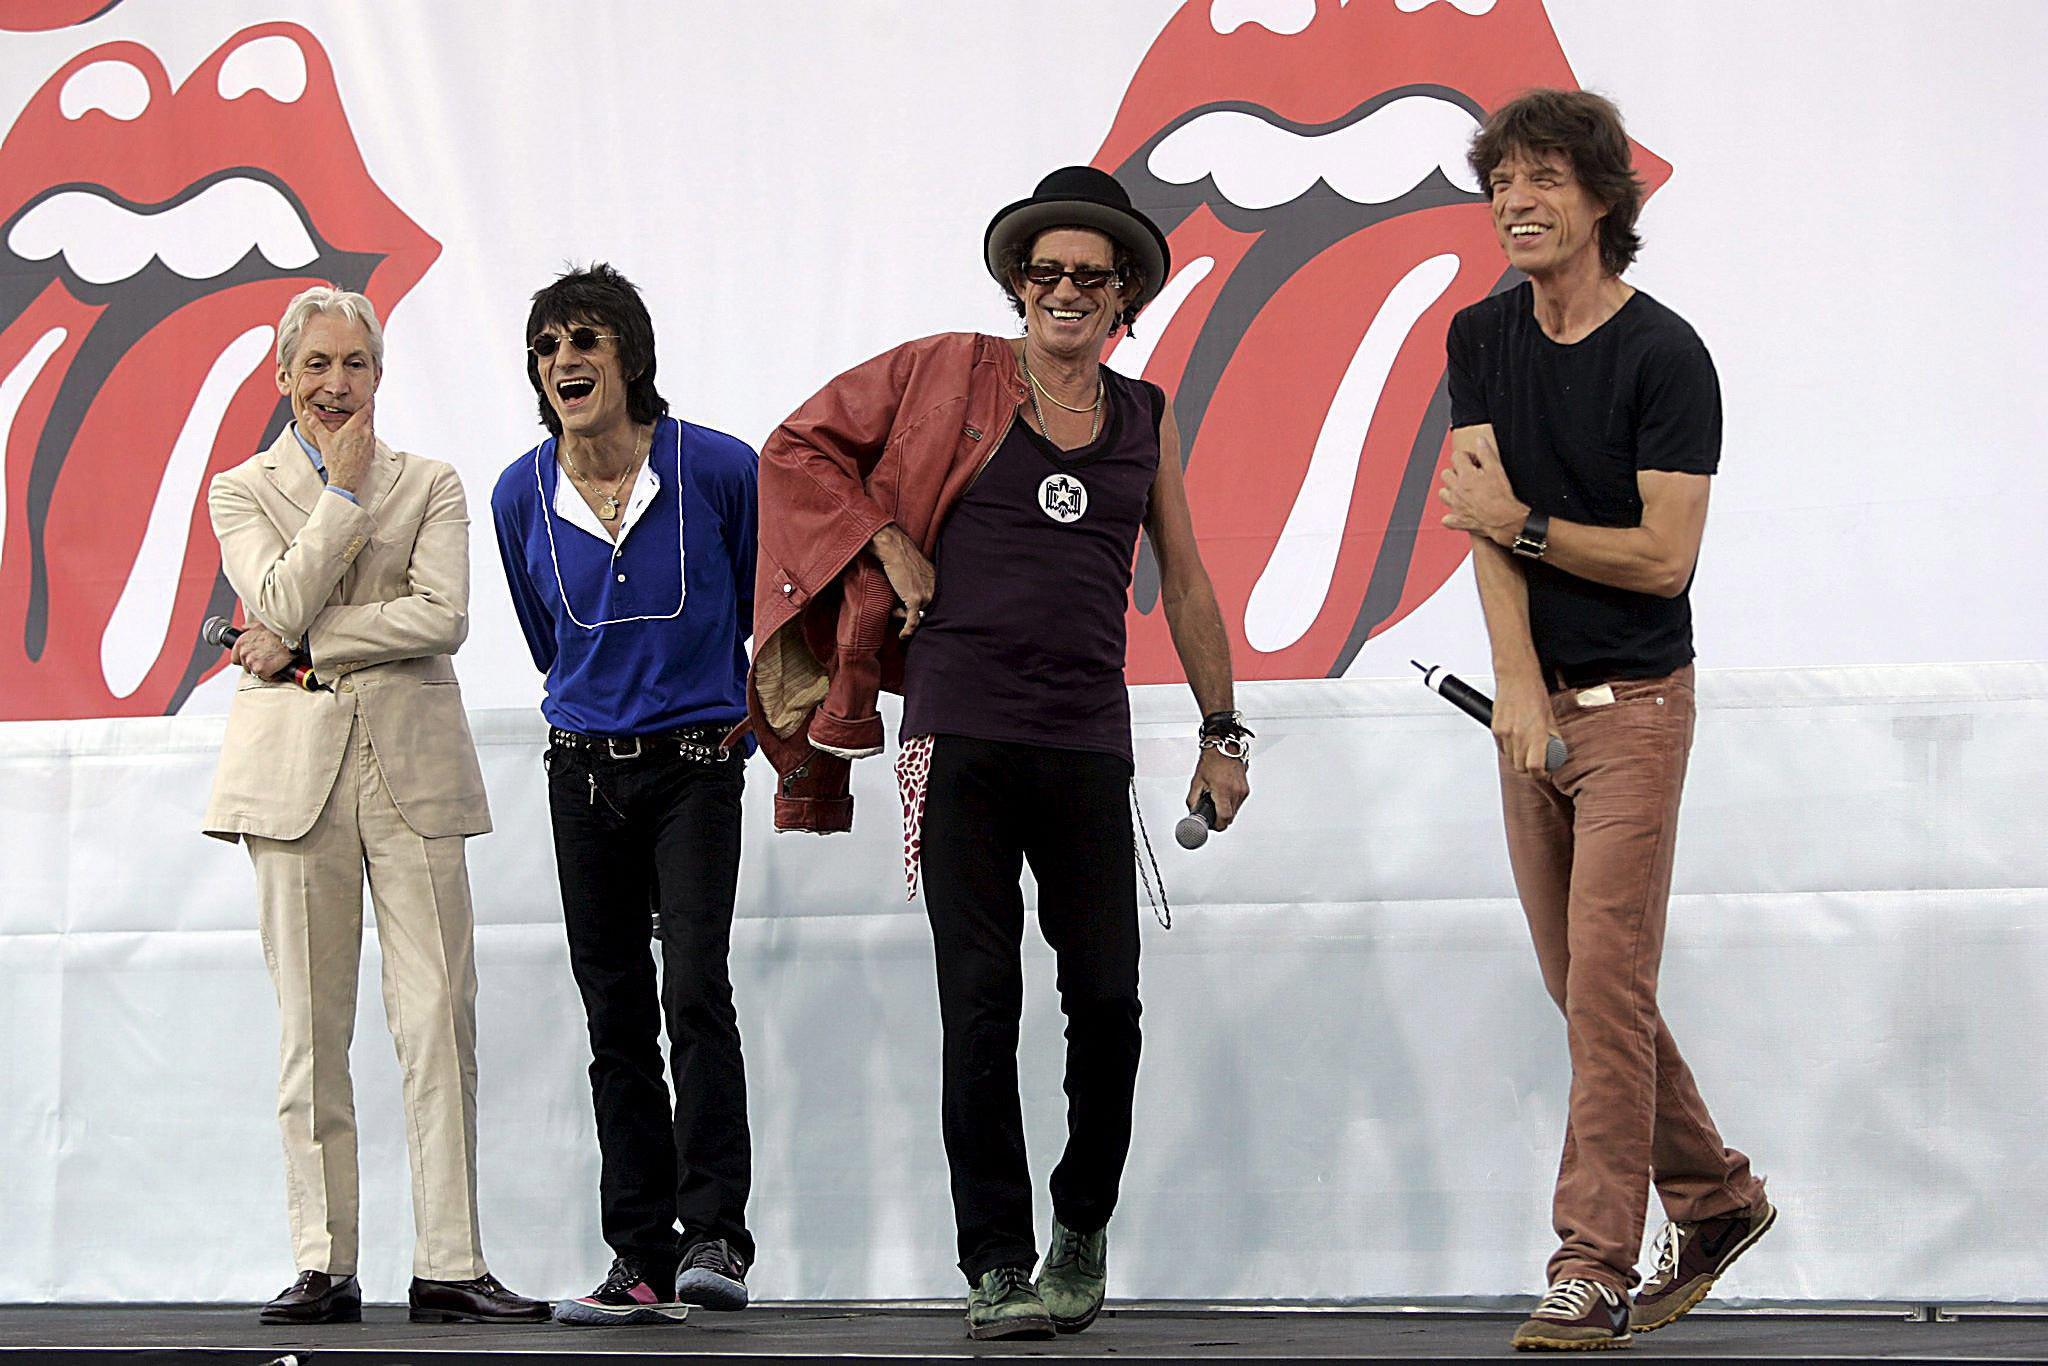 Die Rolling Stones im Jahr 2005 bei einer Pressekonferenz in New York: Ihr Welthit